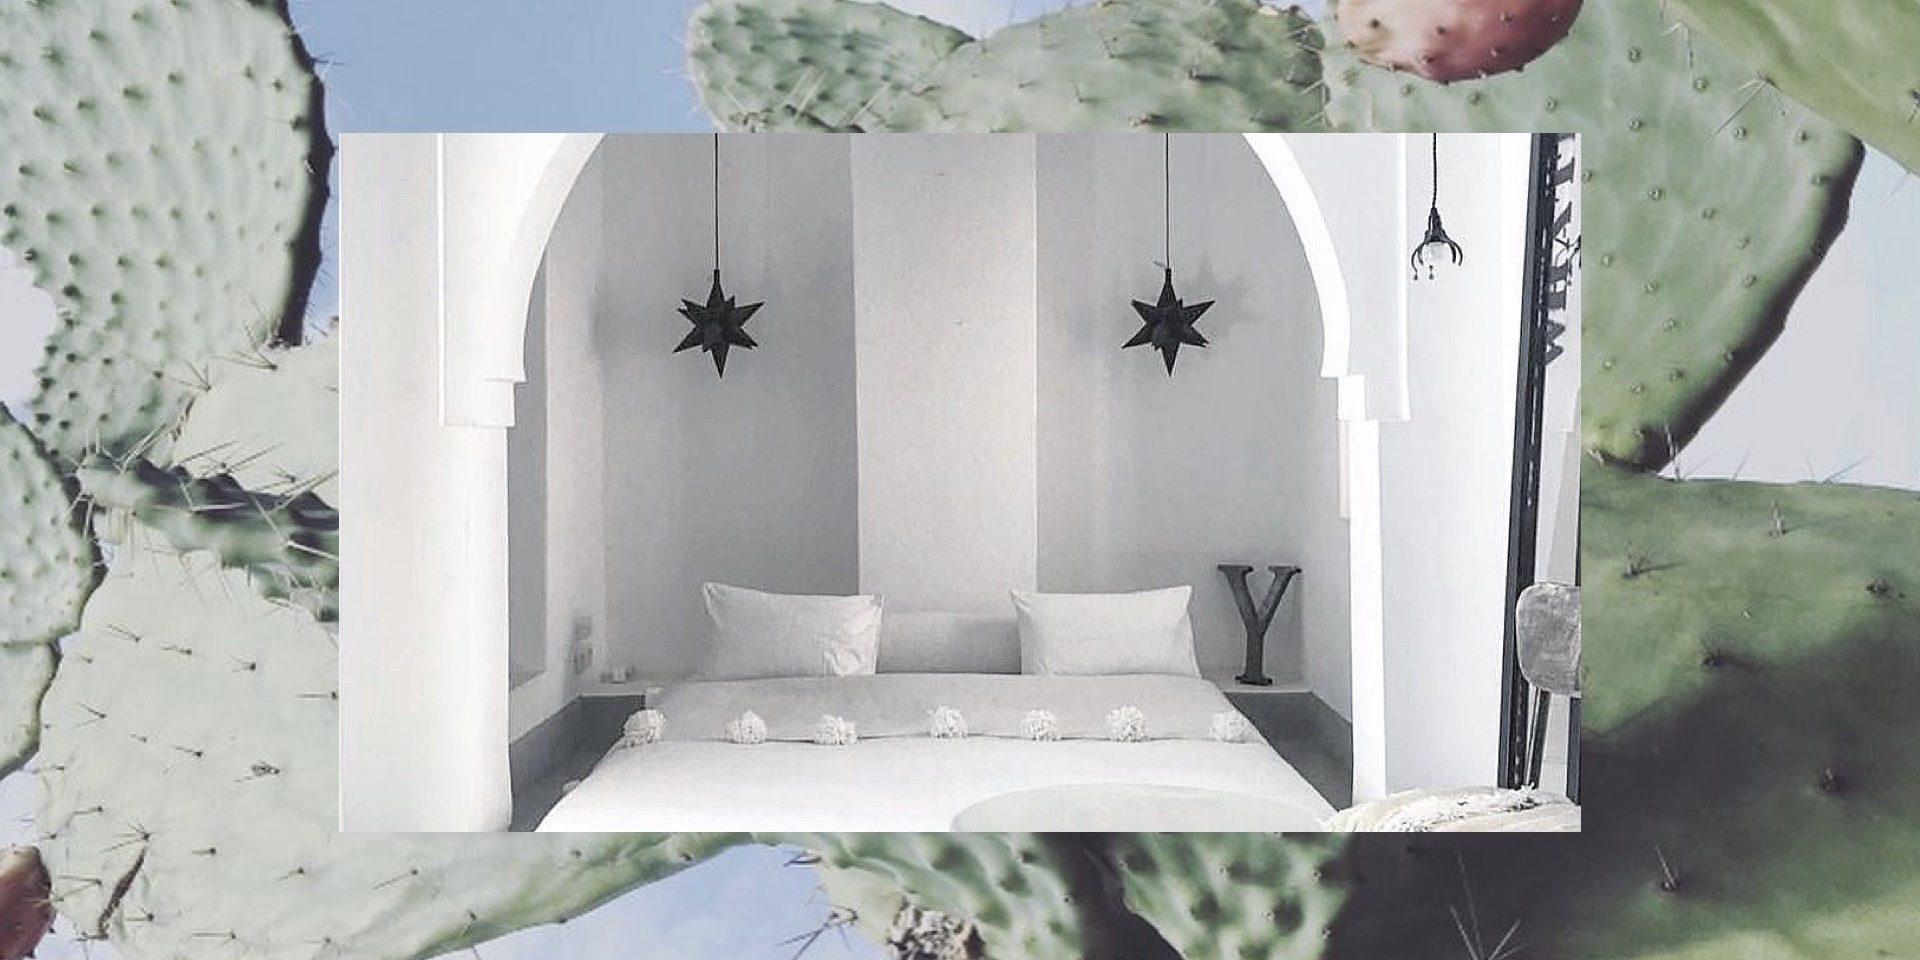 Έρωτας στο Μαρακές: Ένα ριάντ για χίλιες και μία απολαύσεις! Αυτή η κατοικία στο ανατολικό τμήμα της Medina, ισορροπεί άψογα μεταξύ του παραδοσιακού μαροκινού στυλ και του μοντέρνου design. Ανακαλύψτε την και ίσως μείνετε εκεί, αφού είναι διαθέσιμη για ενοικίαση στην πλατφόρμα Αirbnb.